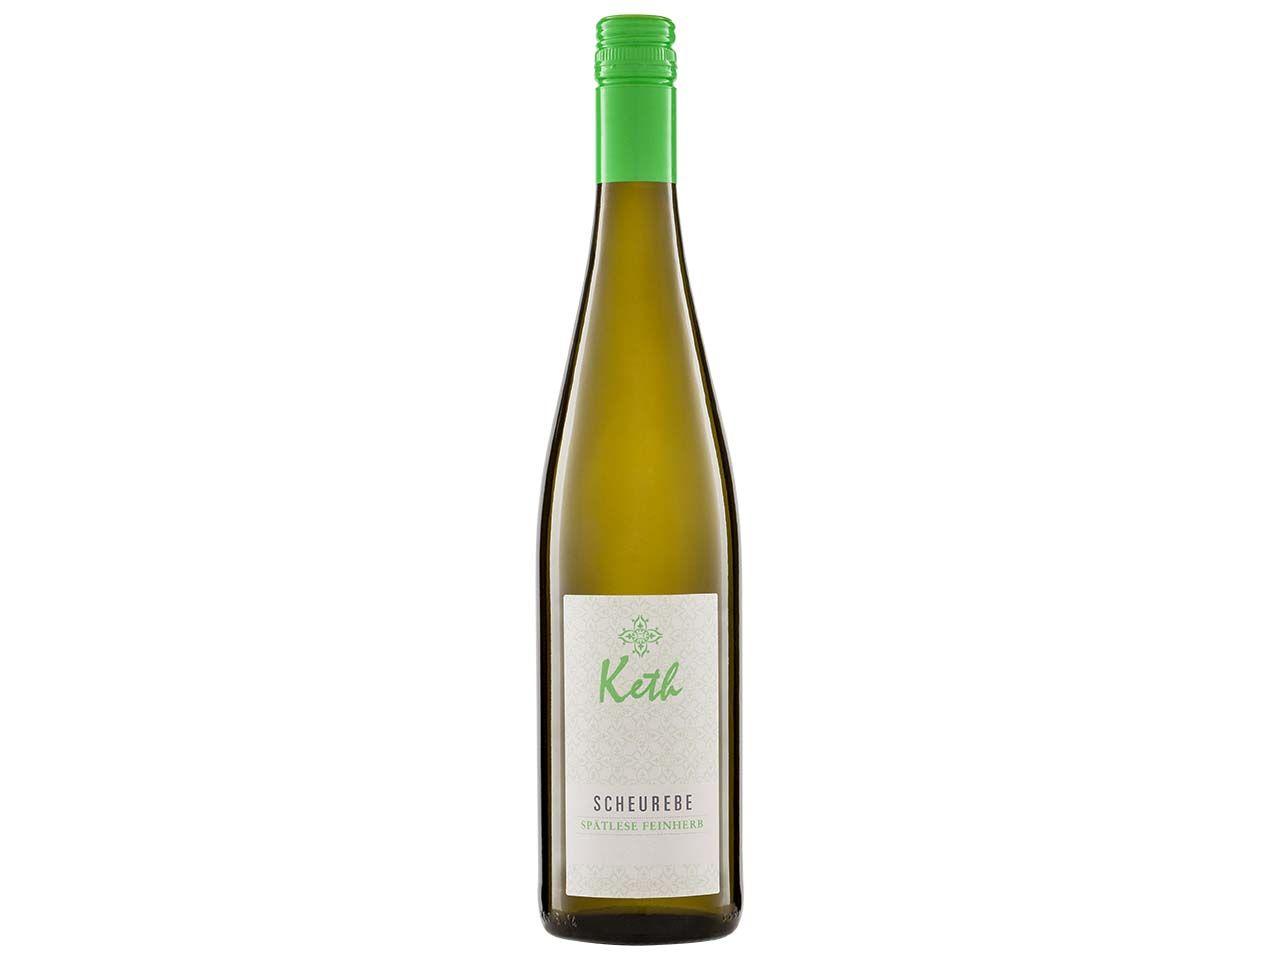 Bio-Weißwein Scheurebe Spätlese feinherb, Keth, 0,75 l 57005